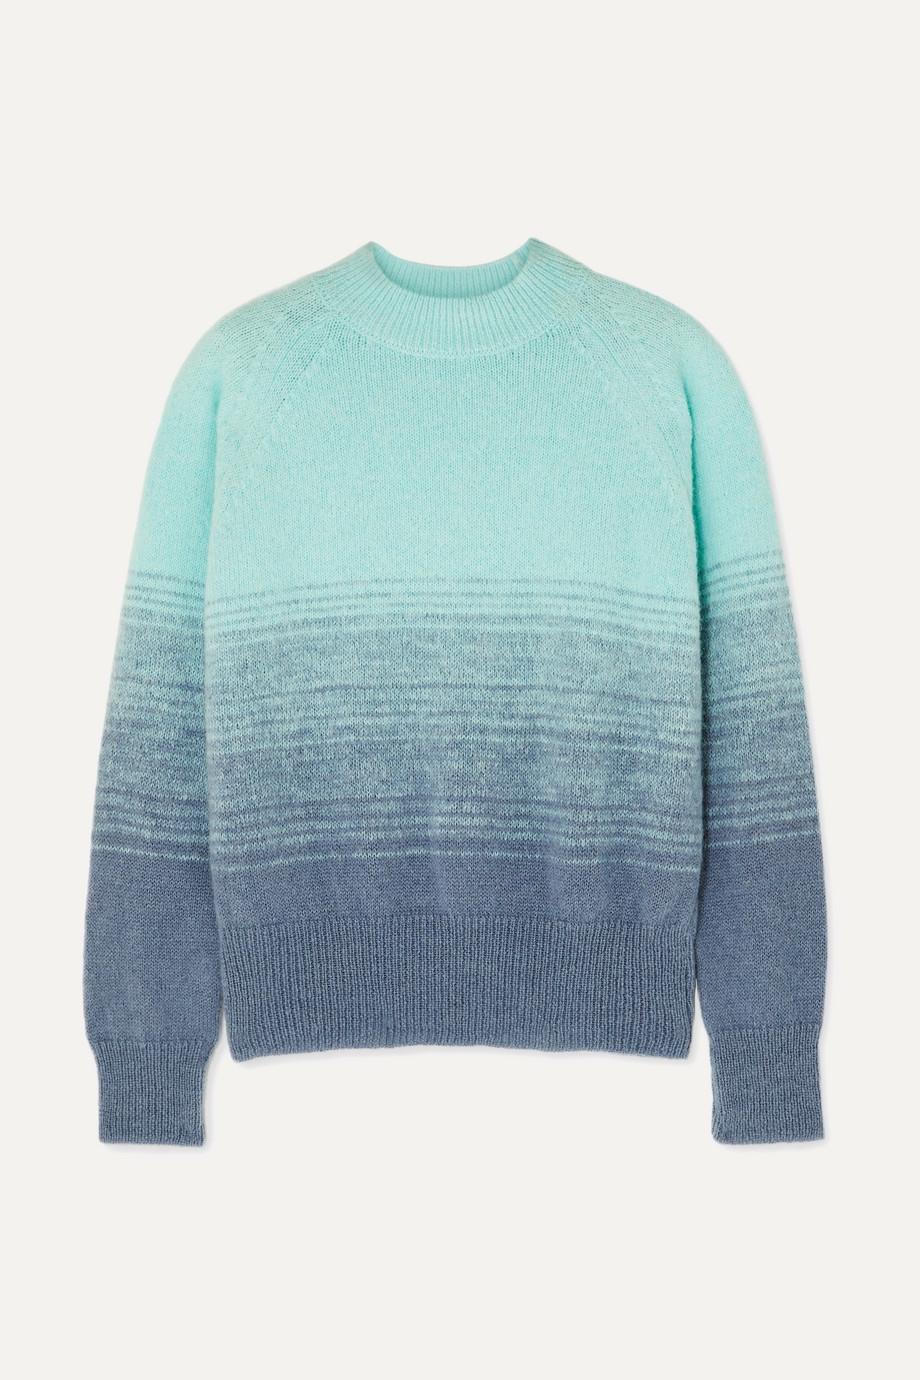 Dries Van Noten Knitted ombré sweater